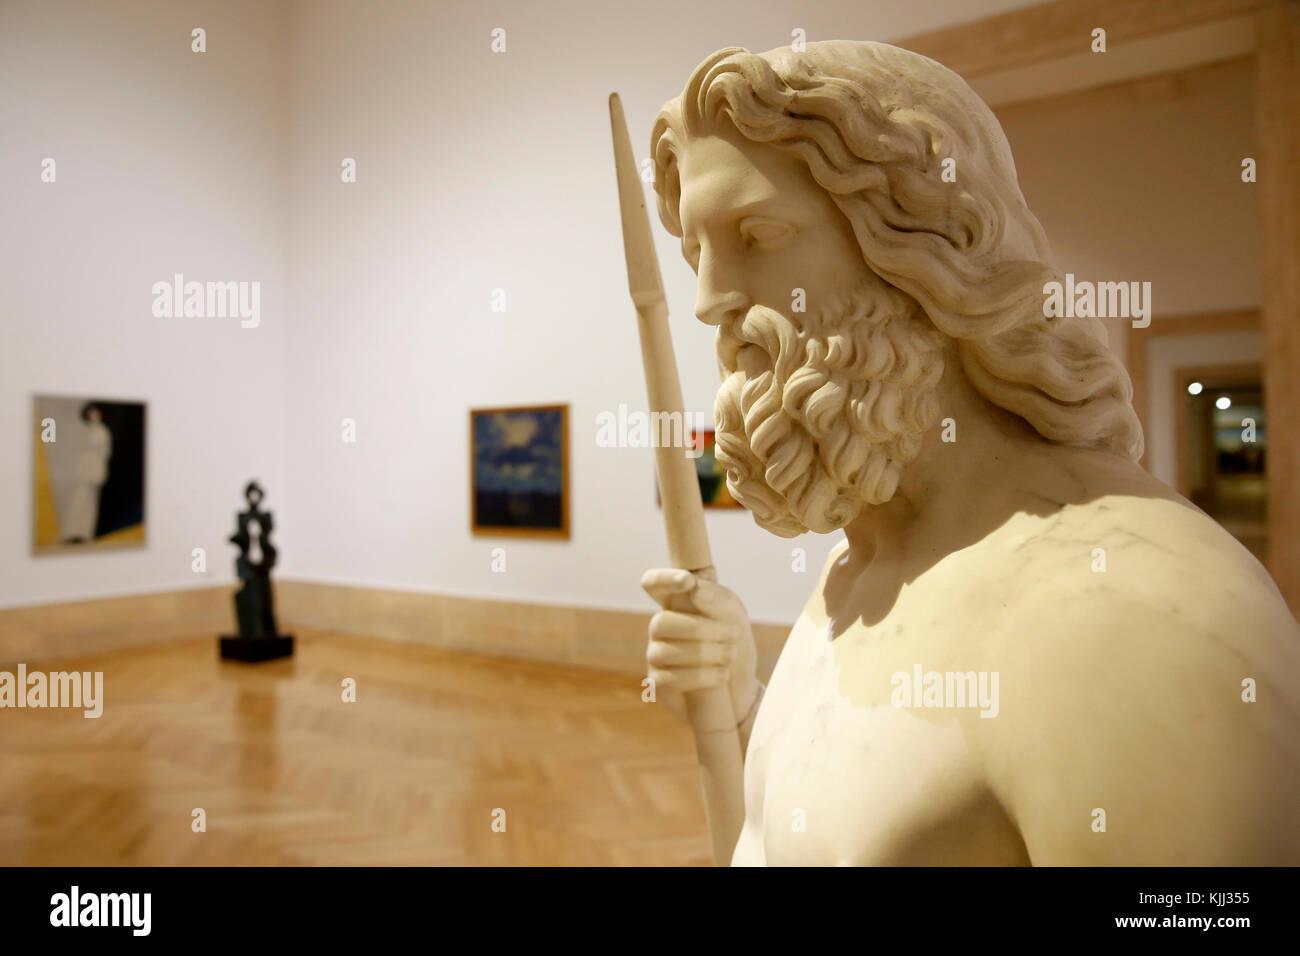 Museum of Modern Art, Rome. Rinaldo Rinaldi. Nettuno. 1844. Italy. - Stock Image